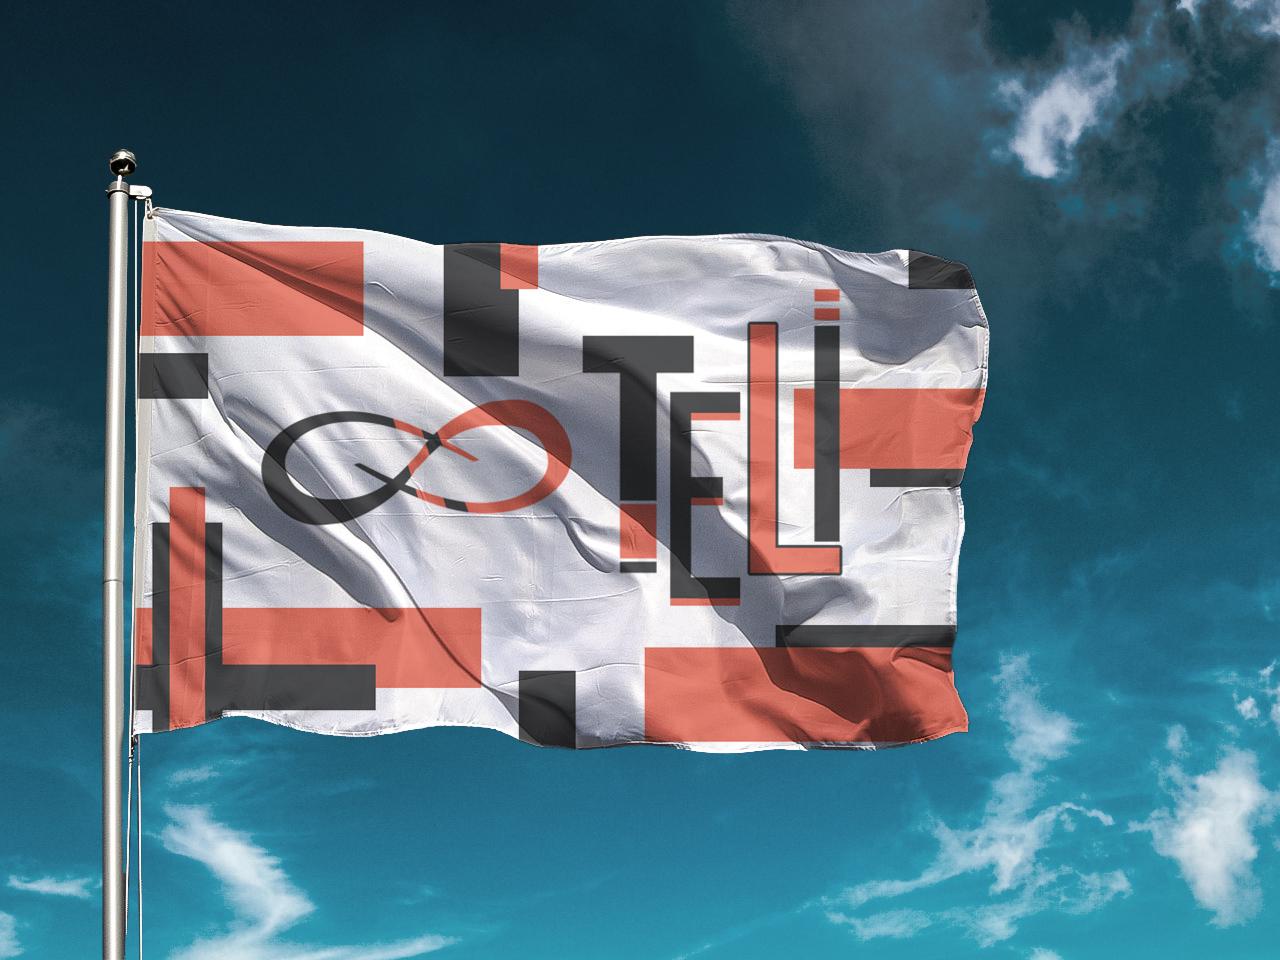 Разработка логотипа и фирменного стиля фото f_39558fa8492a62db.jpg